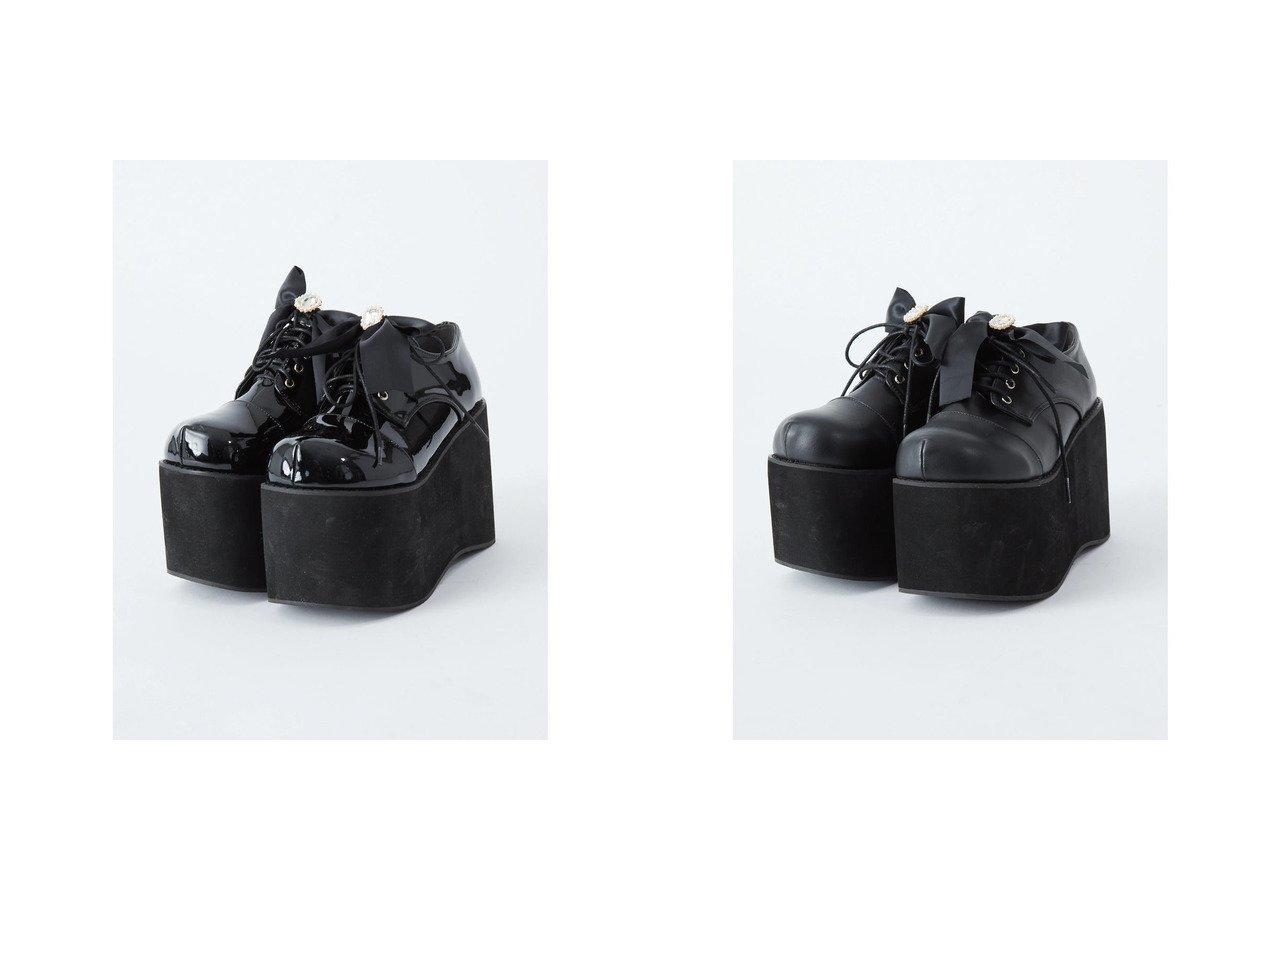 【Ank Rouge/アンクルージュ】の厚底リボンシューズ Ank Rougeのおすすめ!人気、トレンド・レディースファッションの通販 おすすめで人気の流行・トレンド、ファッションの通販商品 メンズファッション・キッズファッション・インテリア・家具・レディースファッション・服の通販 founy(ファニー) https://founy.com/ ファッション Fashion レディースファッション WOMEN 2021年 2021 2021 春夏 S/S SS Spring/Summer 2021 S/S 春夏 SS Spring/Summer シューズ ビジュー フォルム リボン 厚底 春 Spring |ID:crp329100000018501